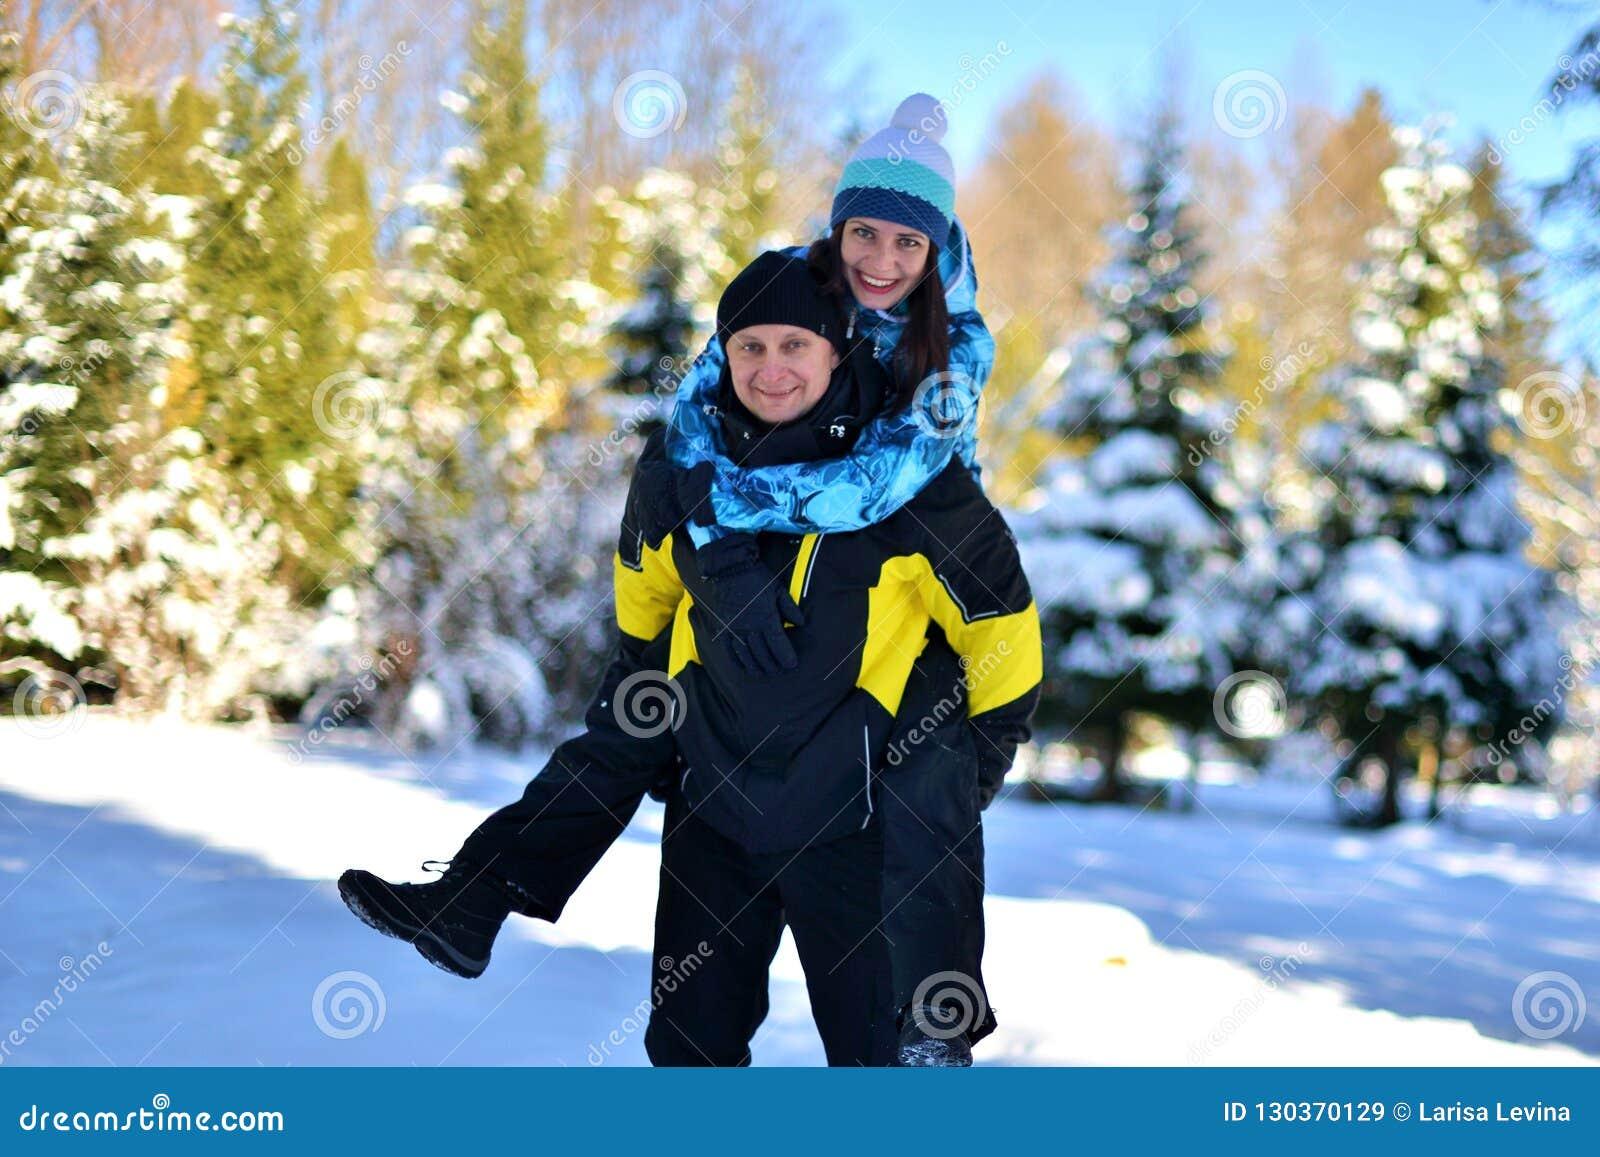 Um par de amor casado que engana ao redor em uma floresta nevado em um inverno ensolarado